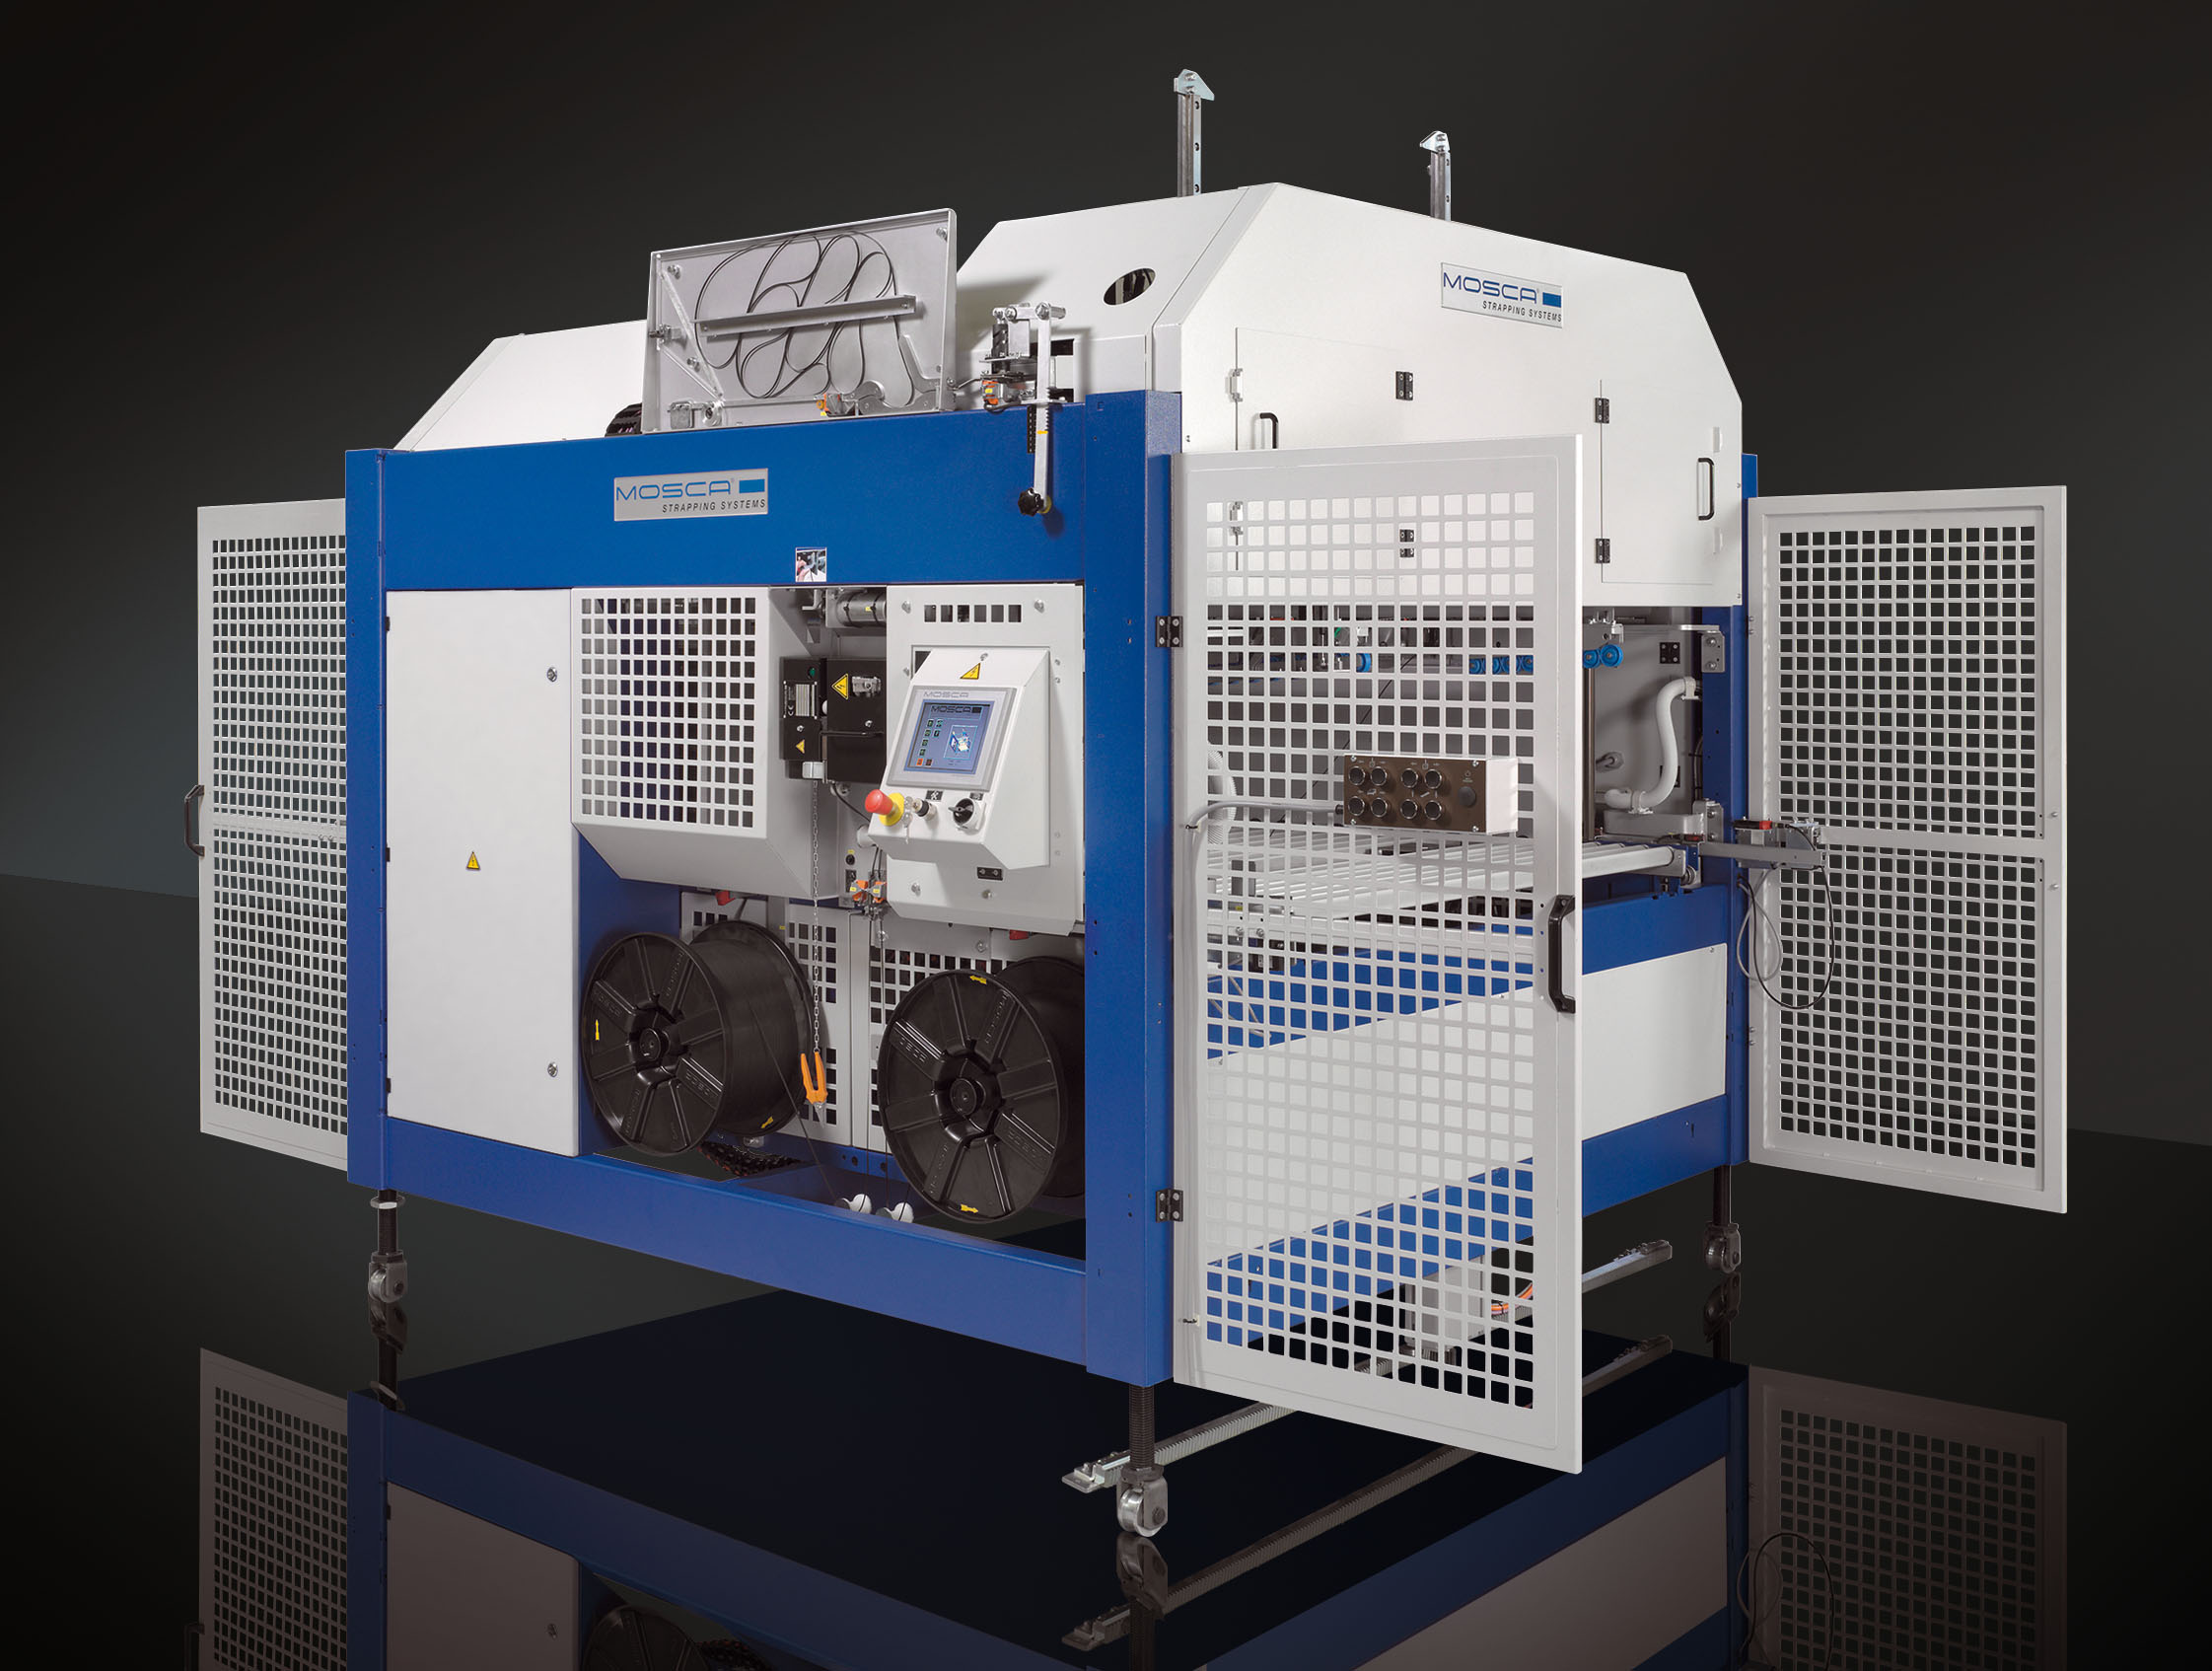 Машина для автоматического выравнивания и обвязки стопок UATRI-2 XT